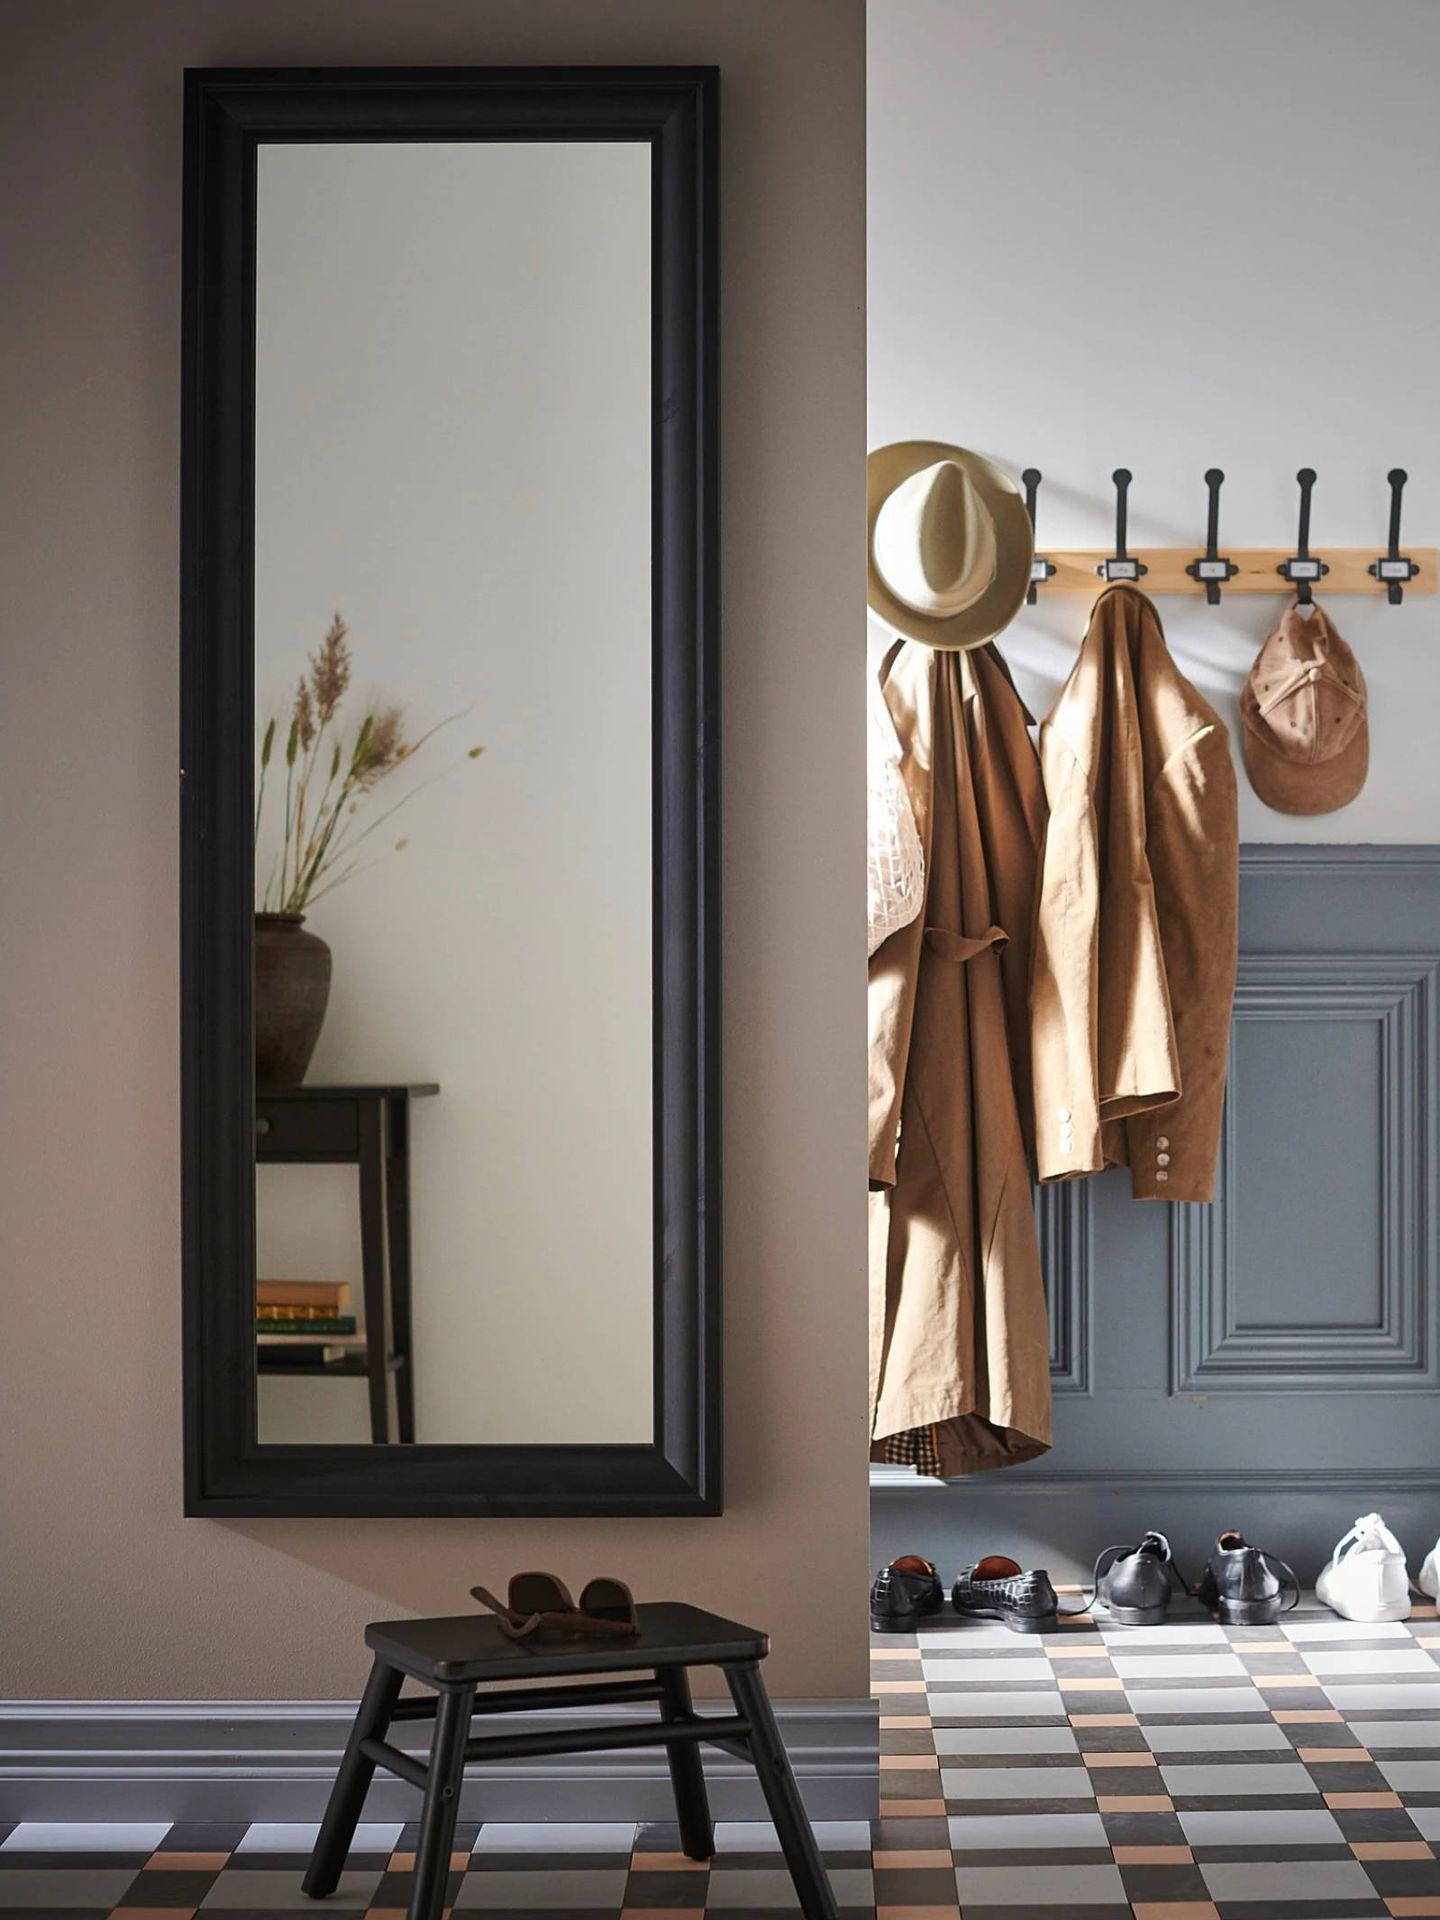 Espejos de Ikea. (Cortesía)